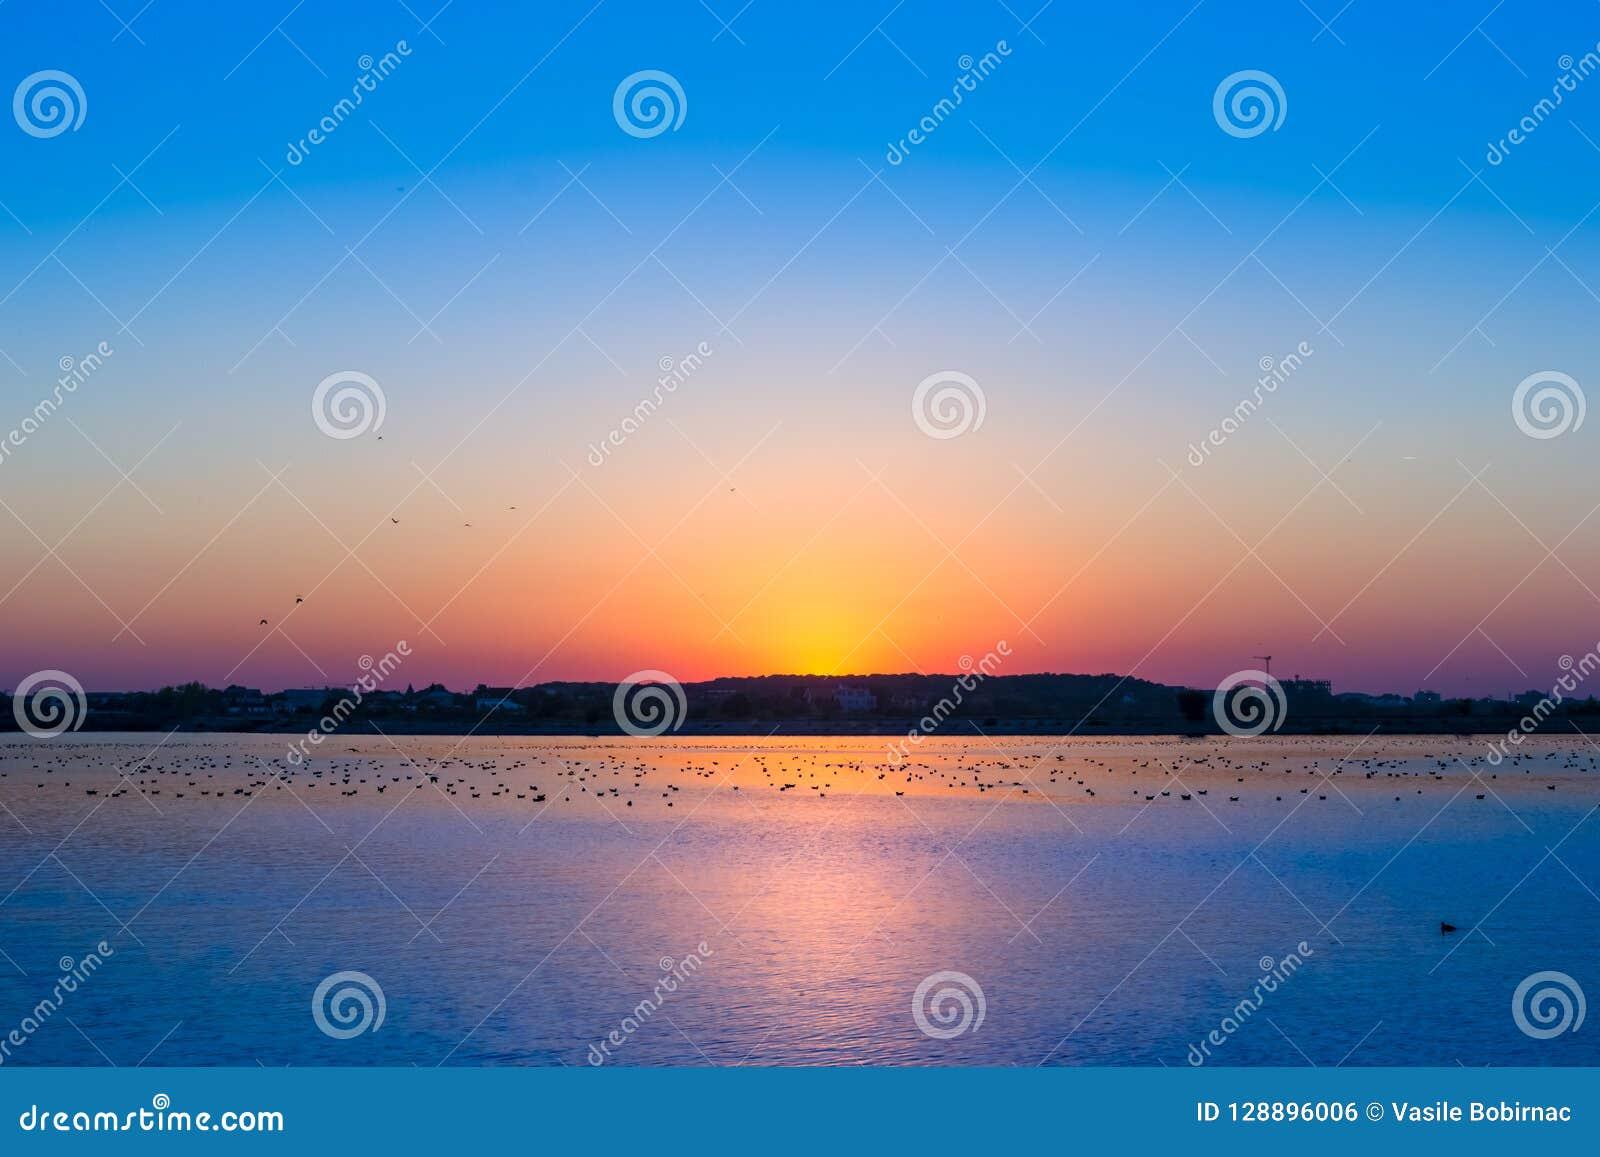 Небо после золотого часа